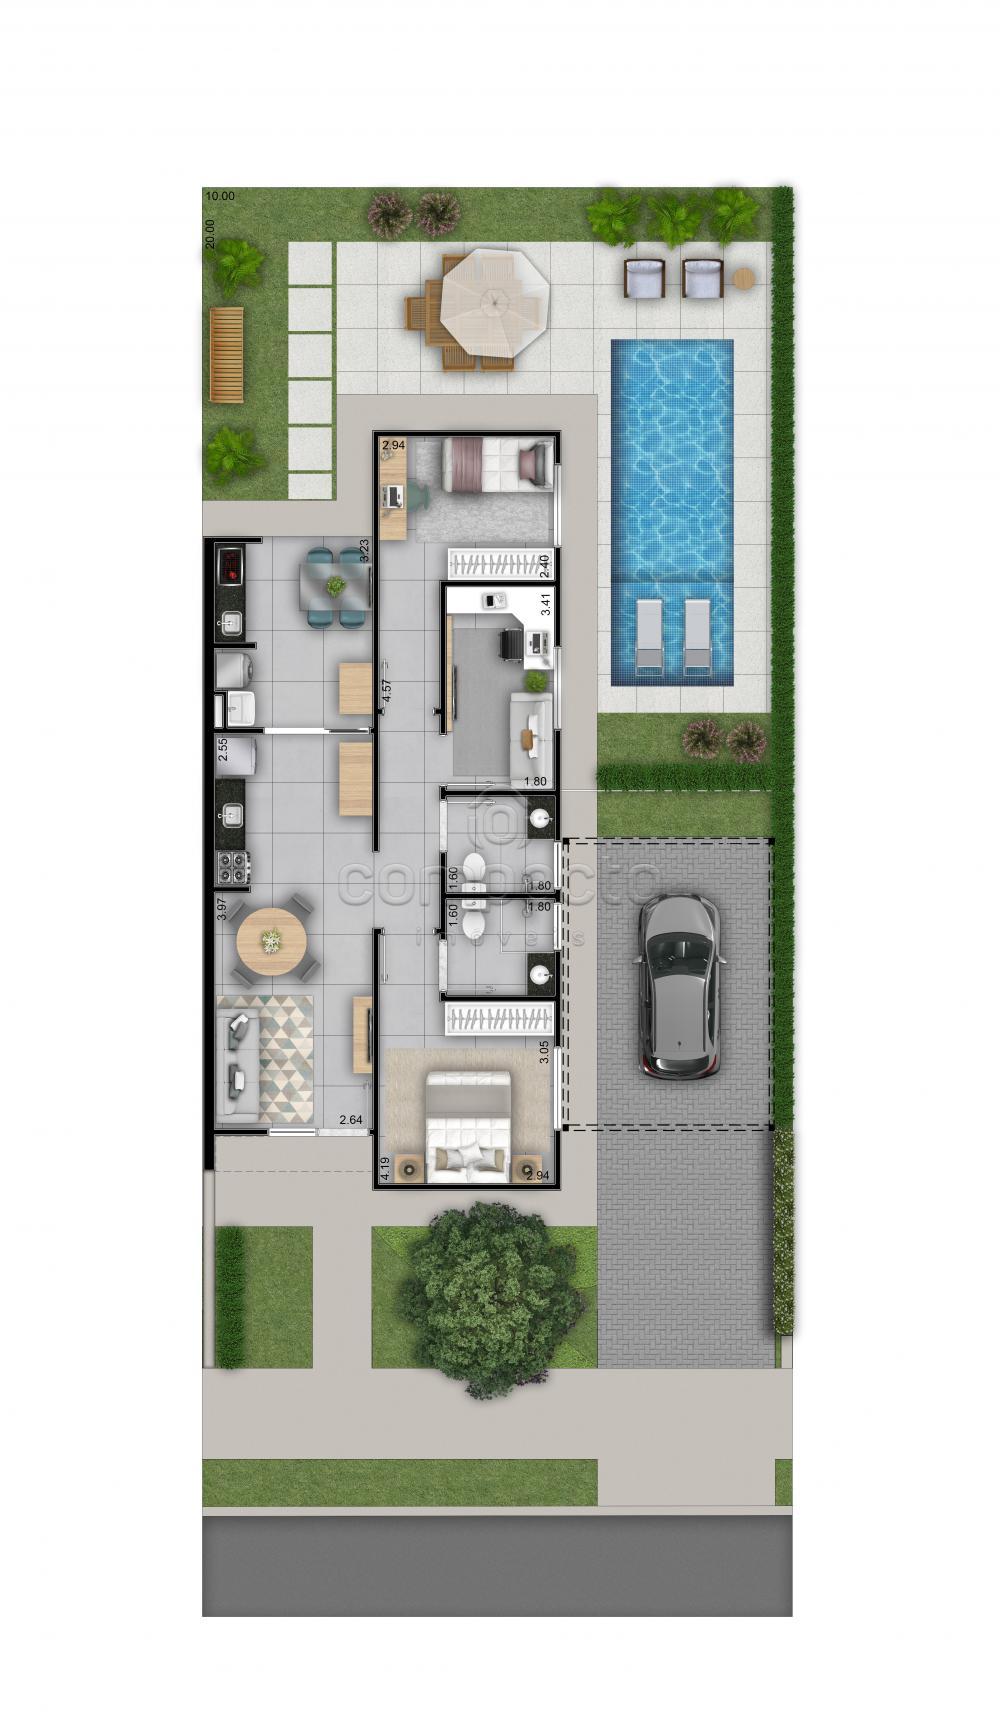 Comprar Casa / Condomínio em São José do Rio Preto apenas R$ 334.000,00 - Foto 6